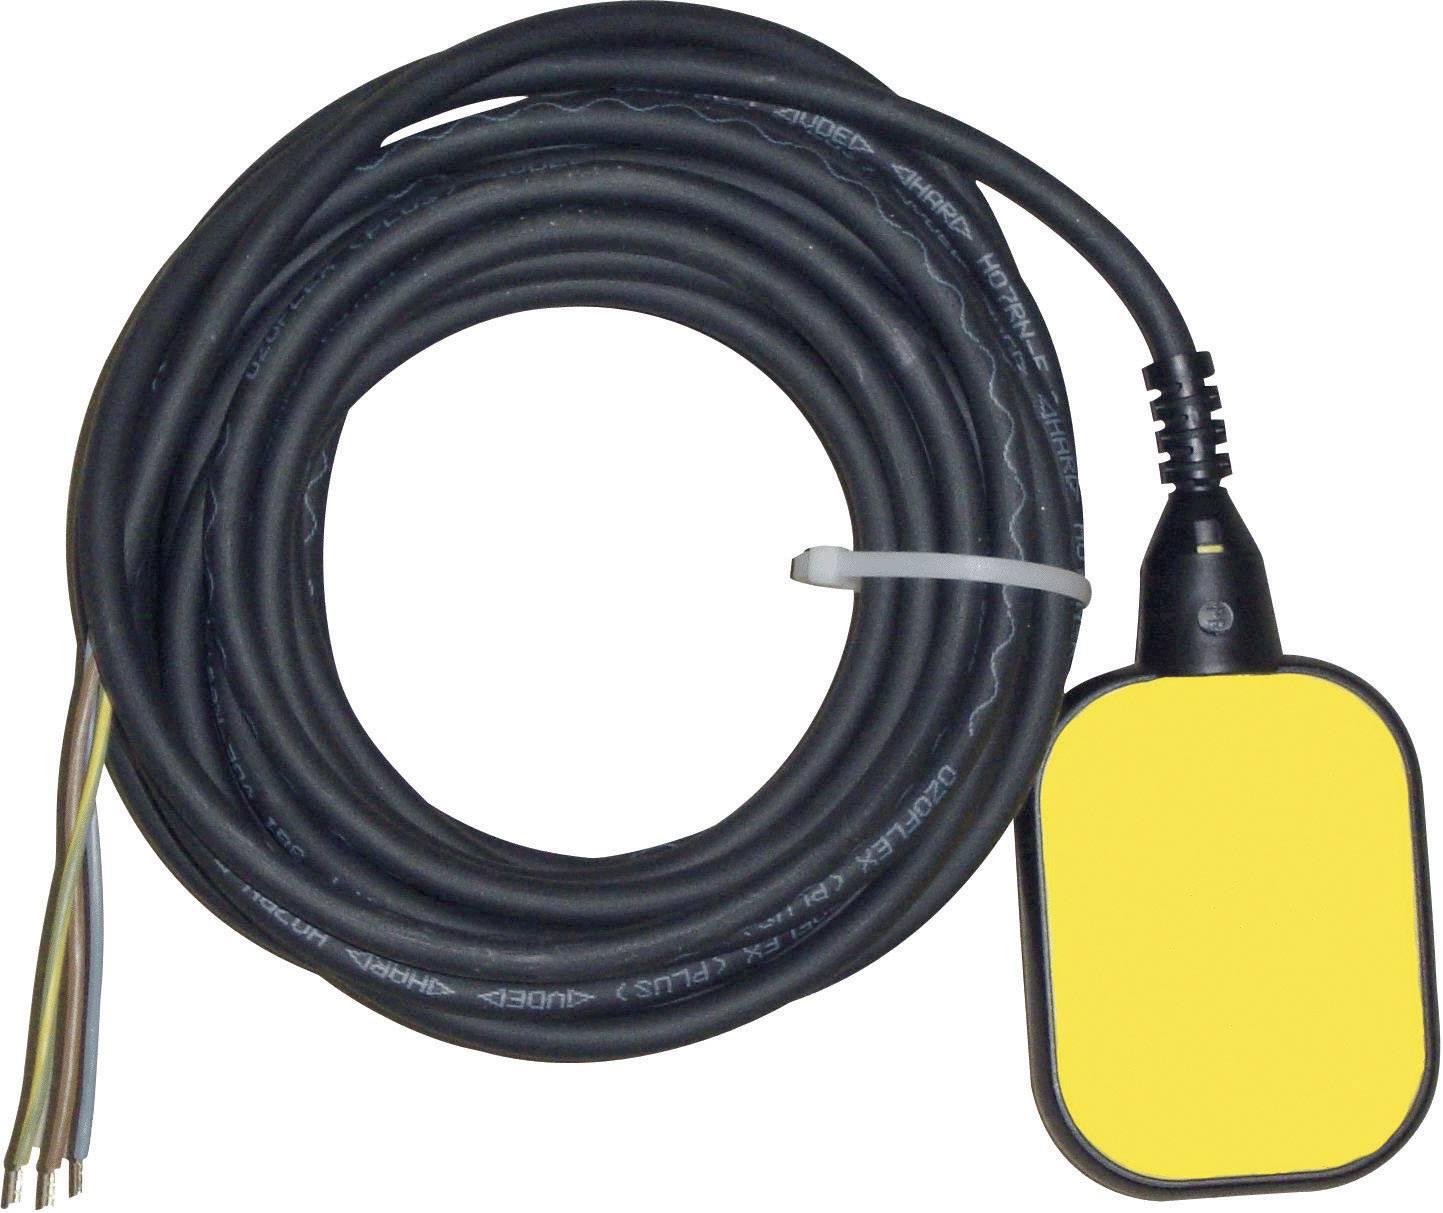 Plavákový spínač pre vypúšťanie Zehnder Pumpen 14504, 5 m, žltý